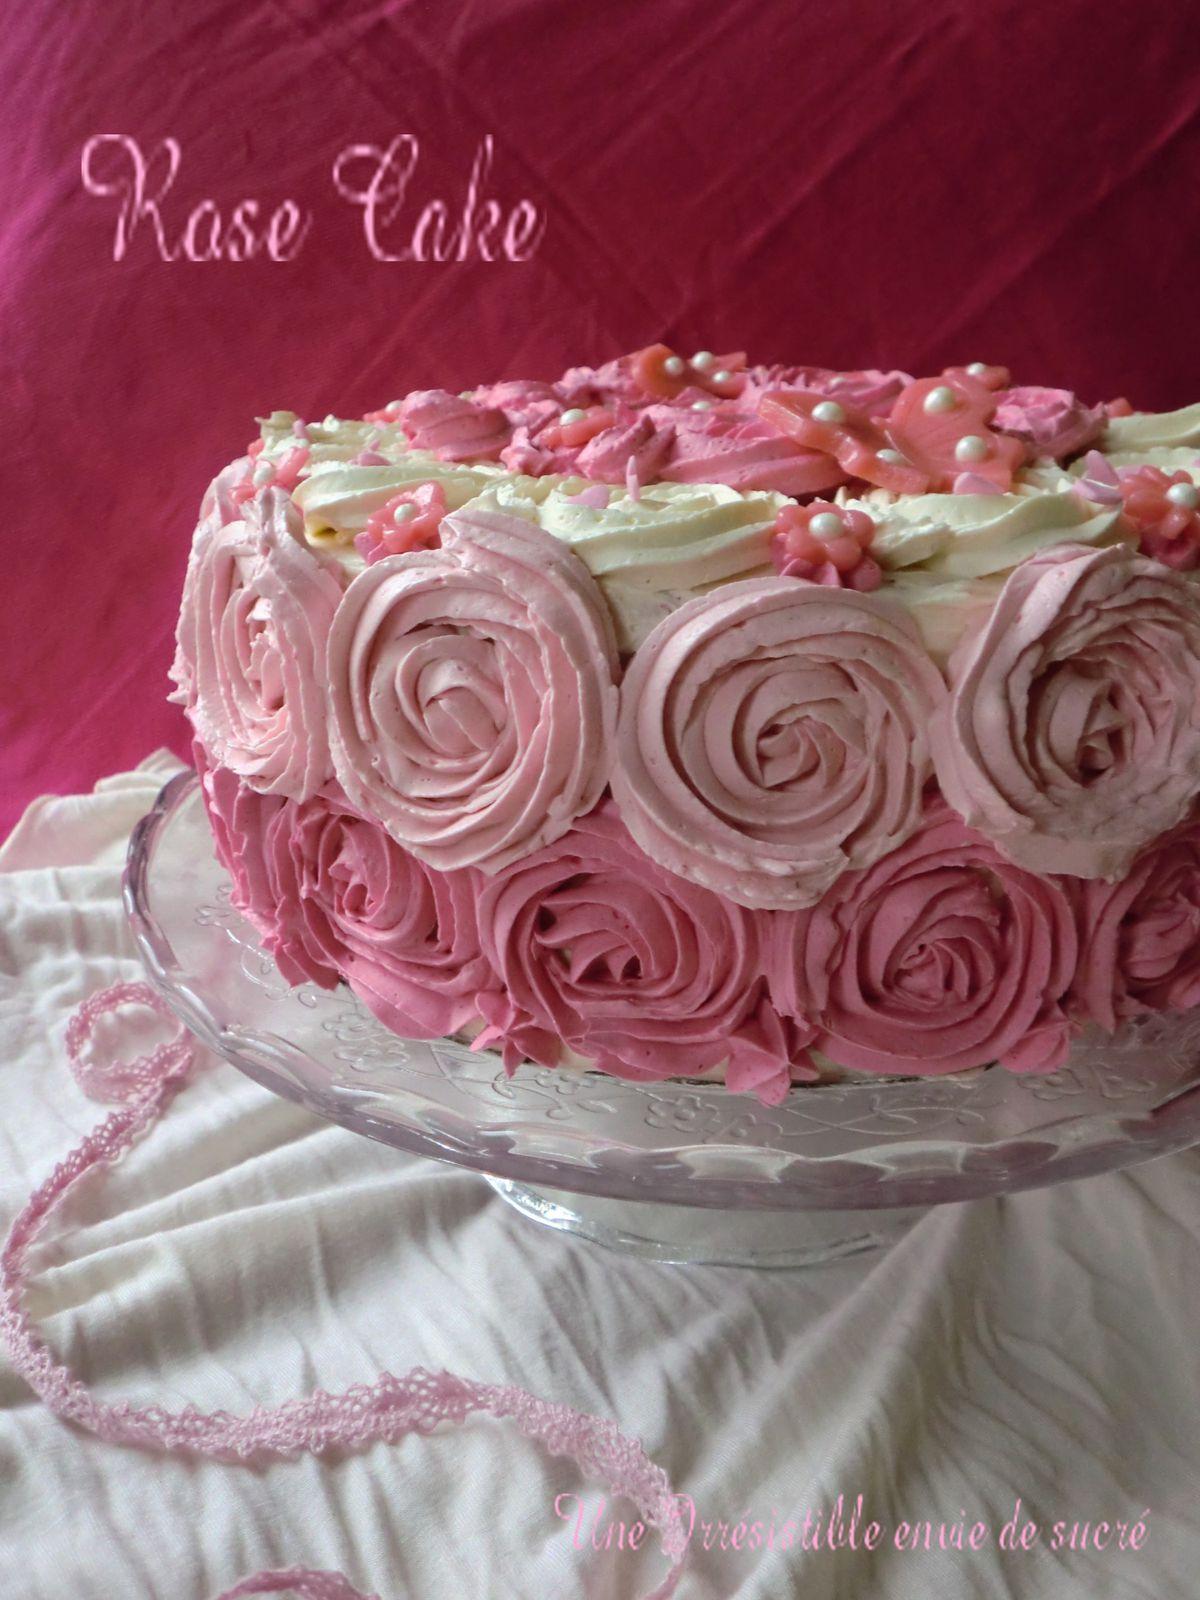 Rose Cake Au citron vert  &quot&#x3B;Gâteau D'Anniversaire&quot&#x3B;